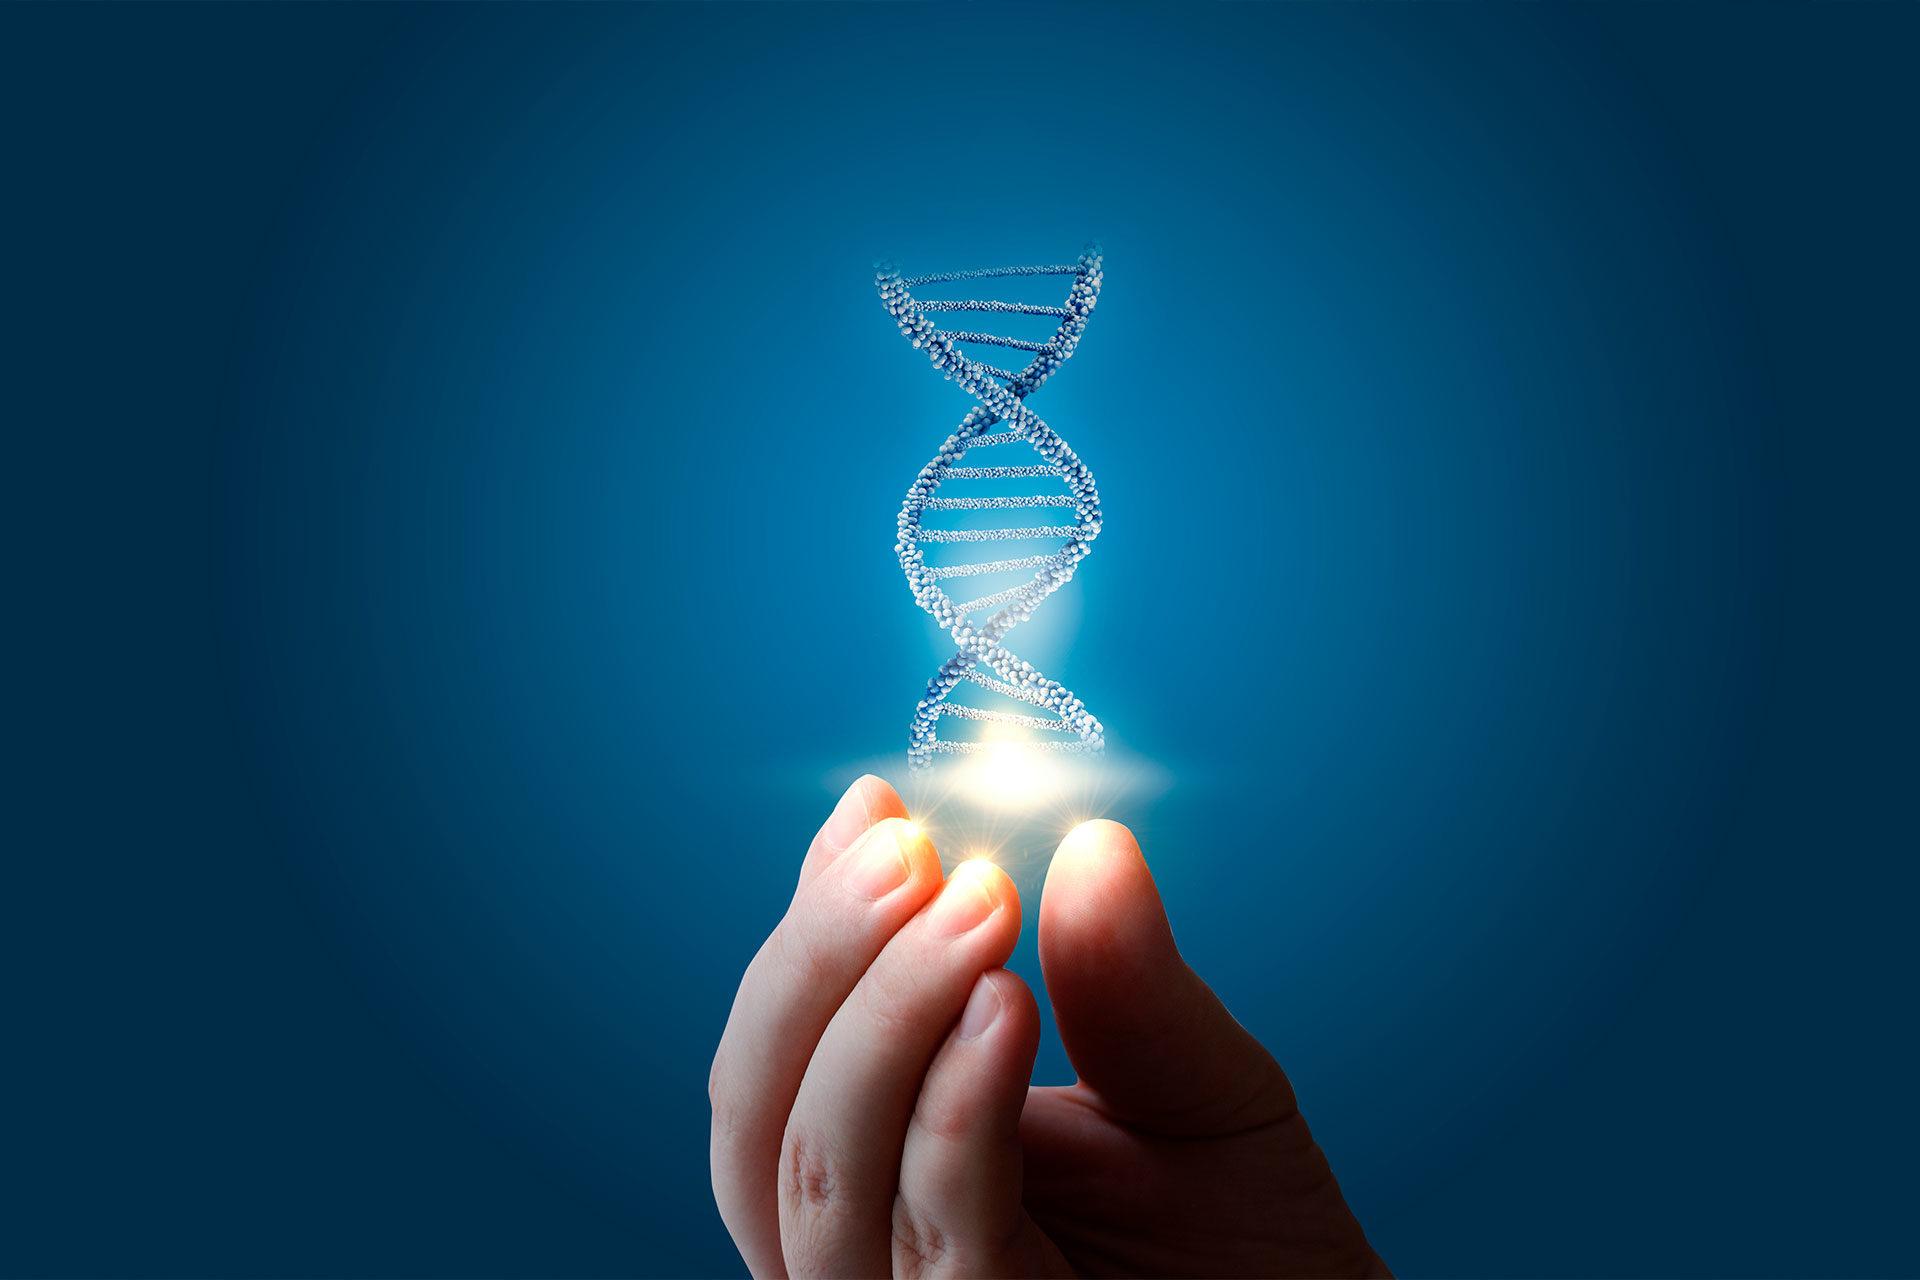 test dna predisposizione malattie genetiche